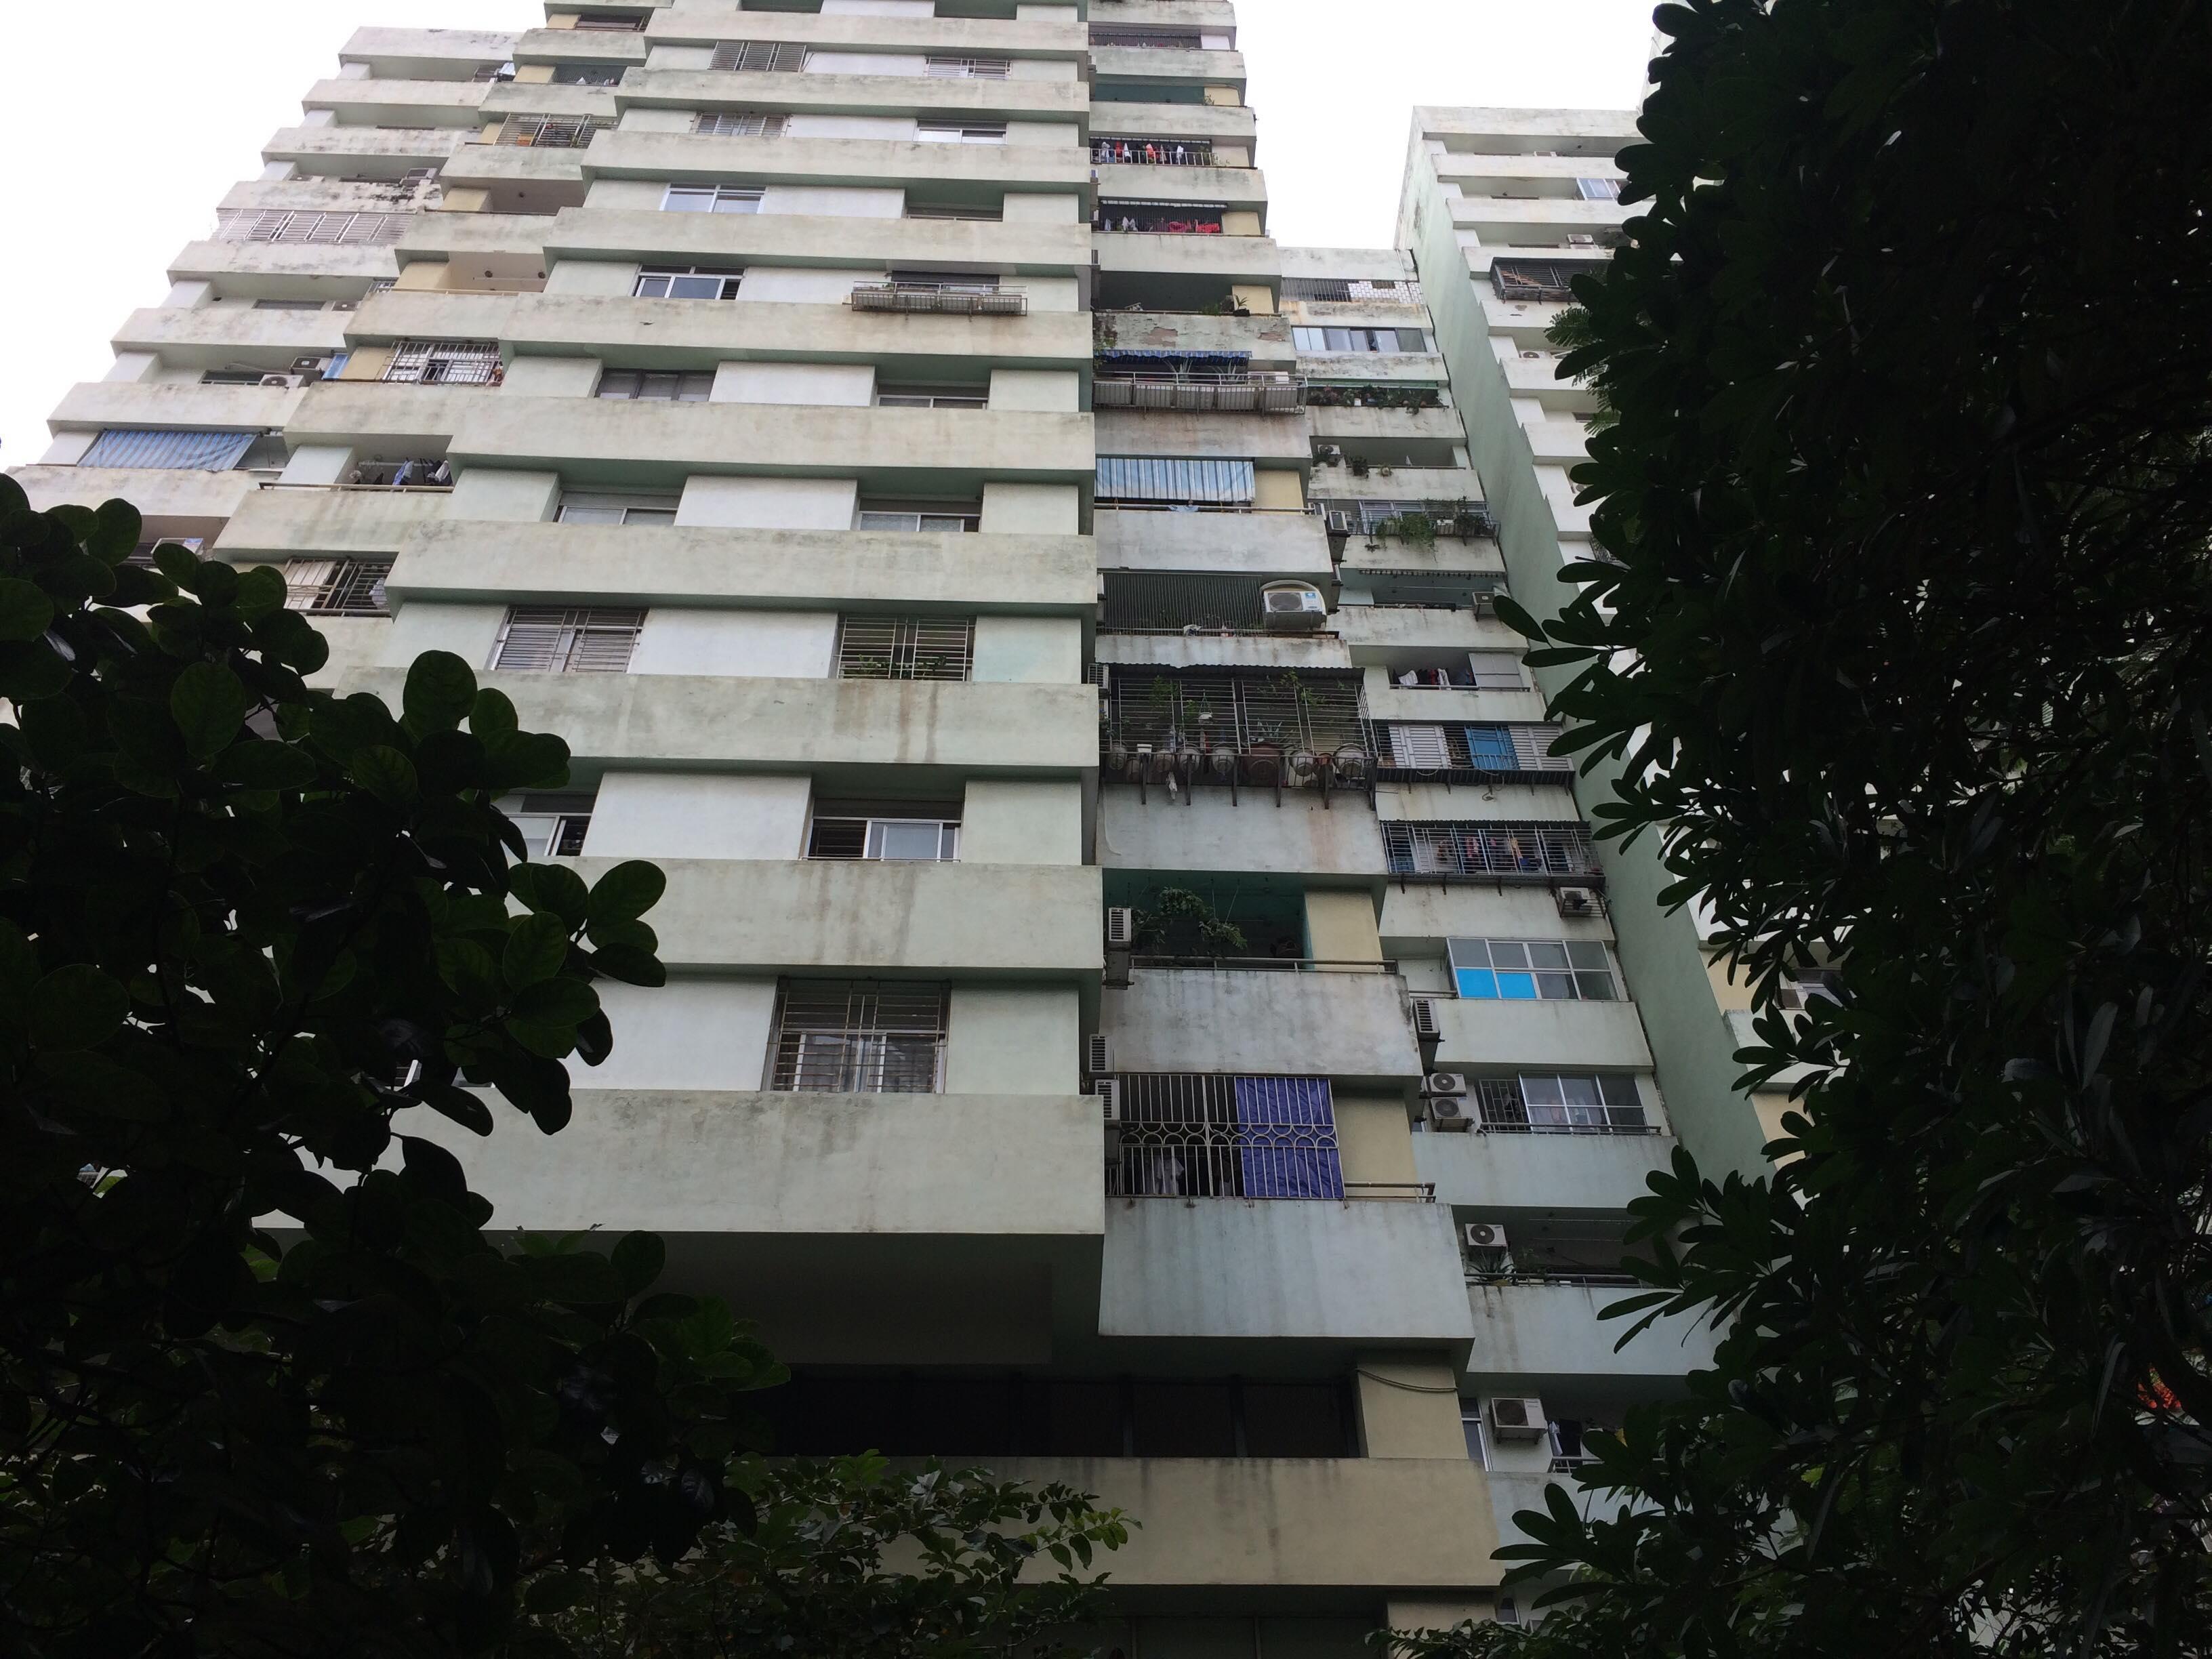 Kinh hoàng bé trai rơi từ tầng 7 chung cư xuống đất - Ảnh 1